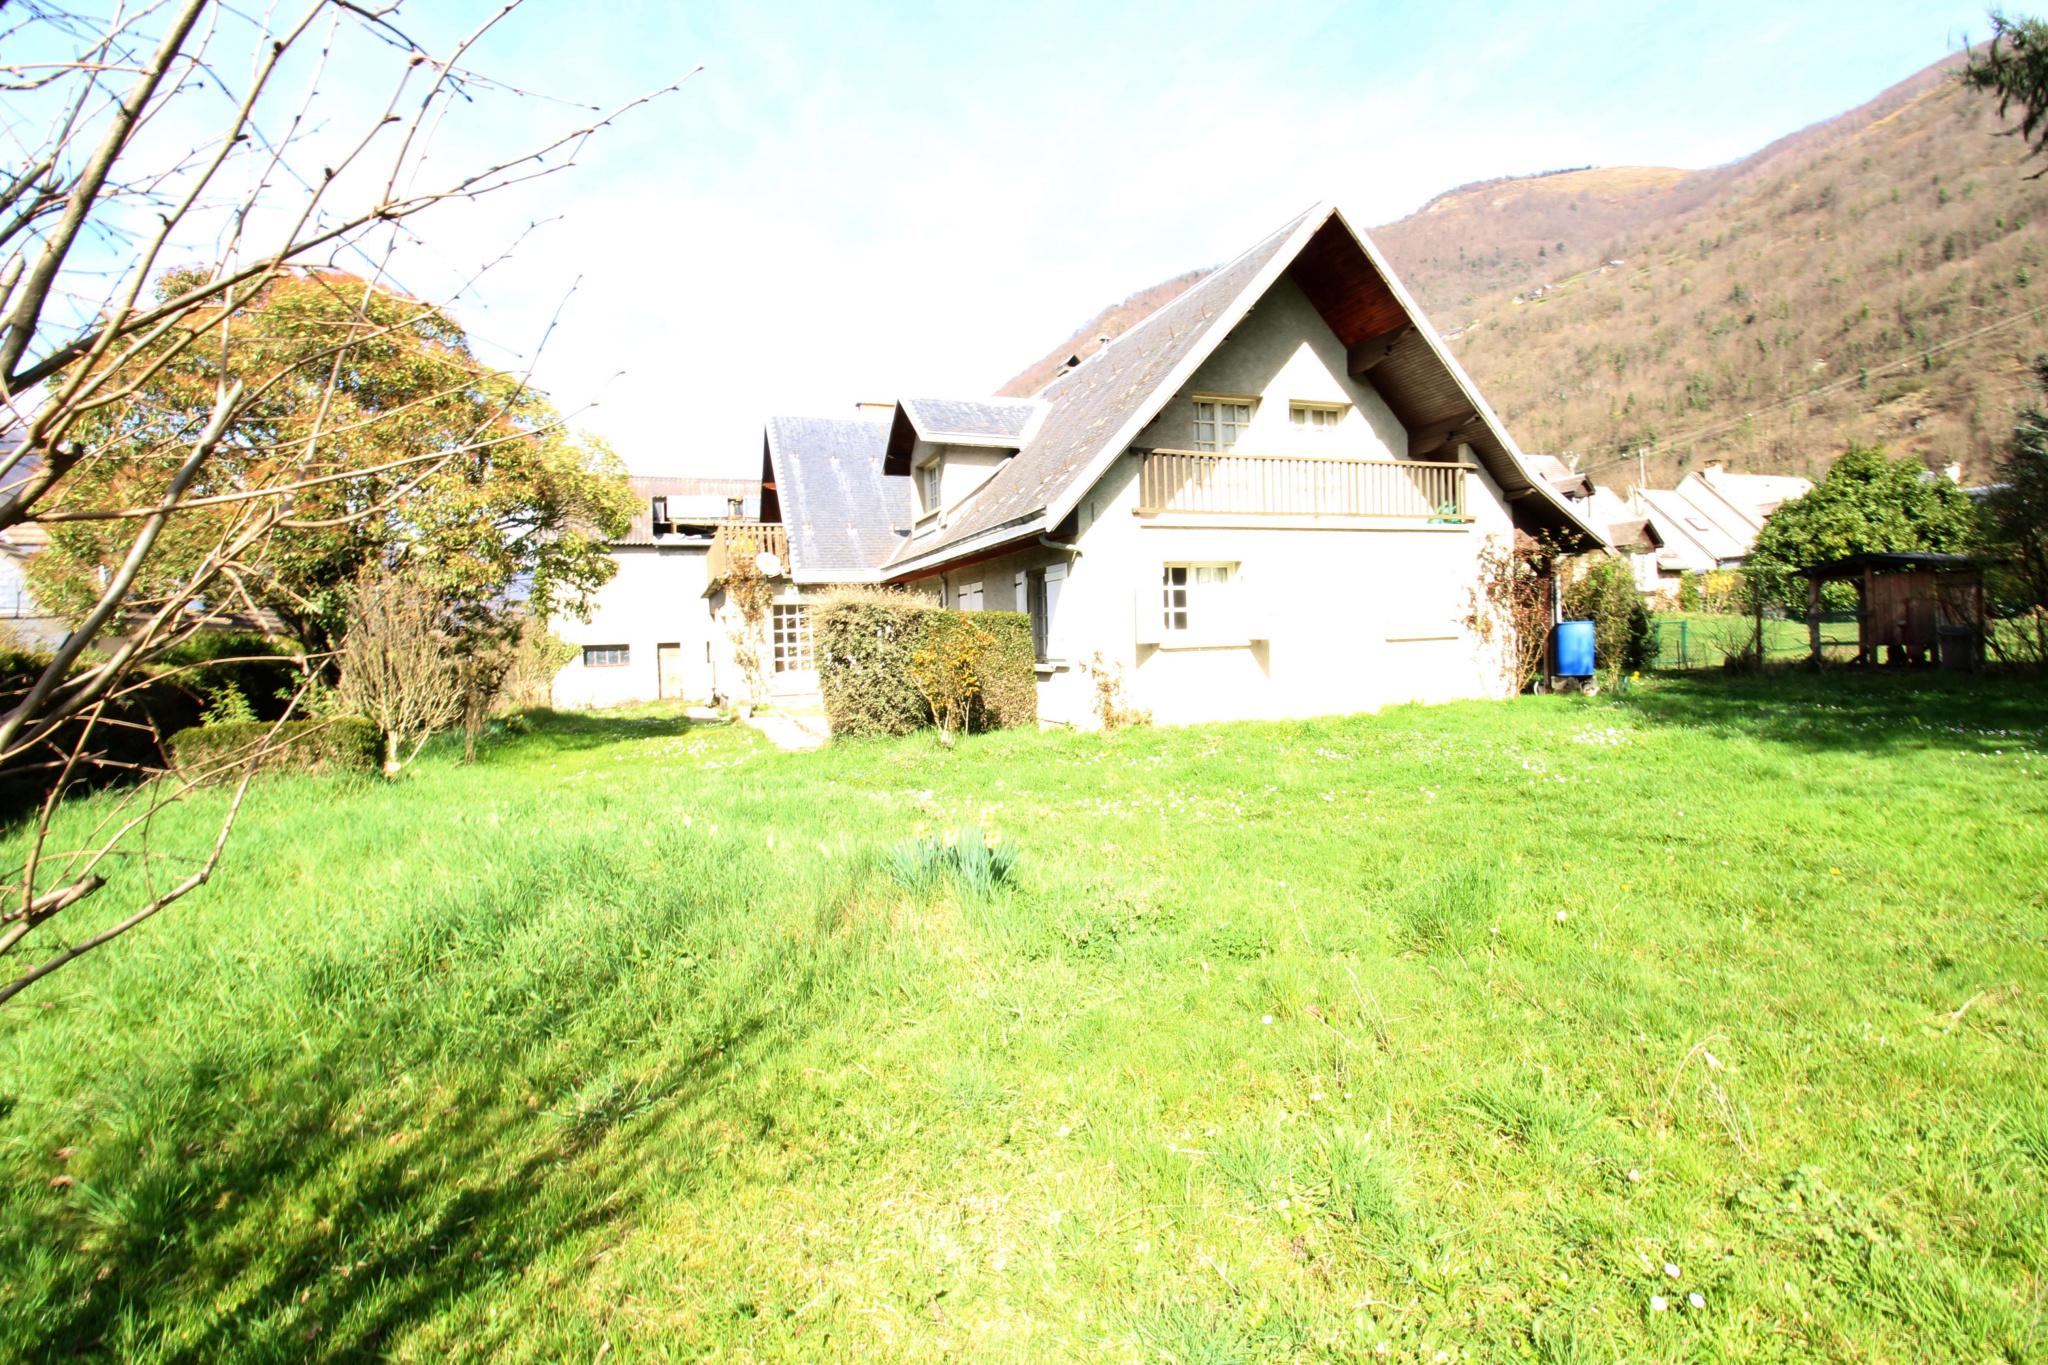 maison 6 pièce(s) - Proche luchon (- de 10 kms)